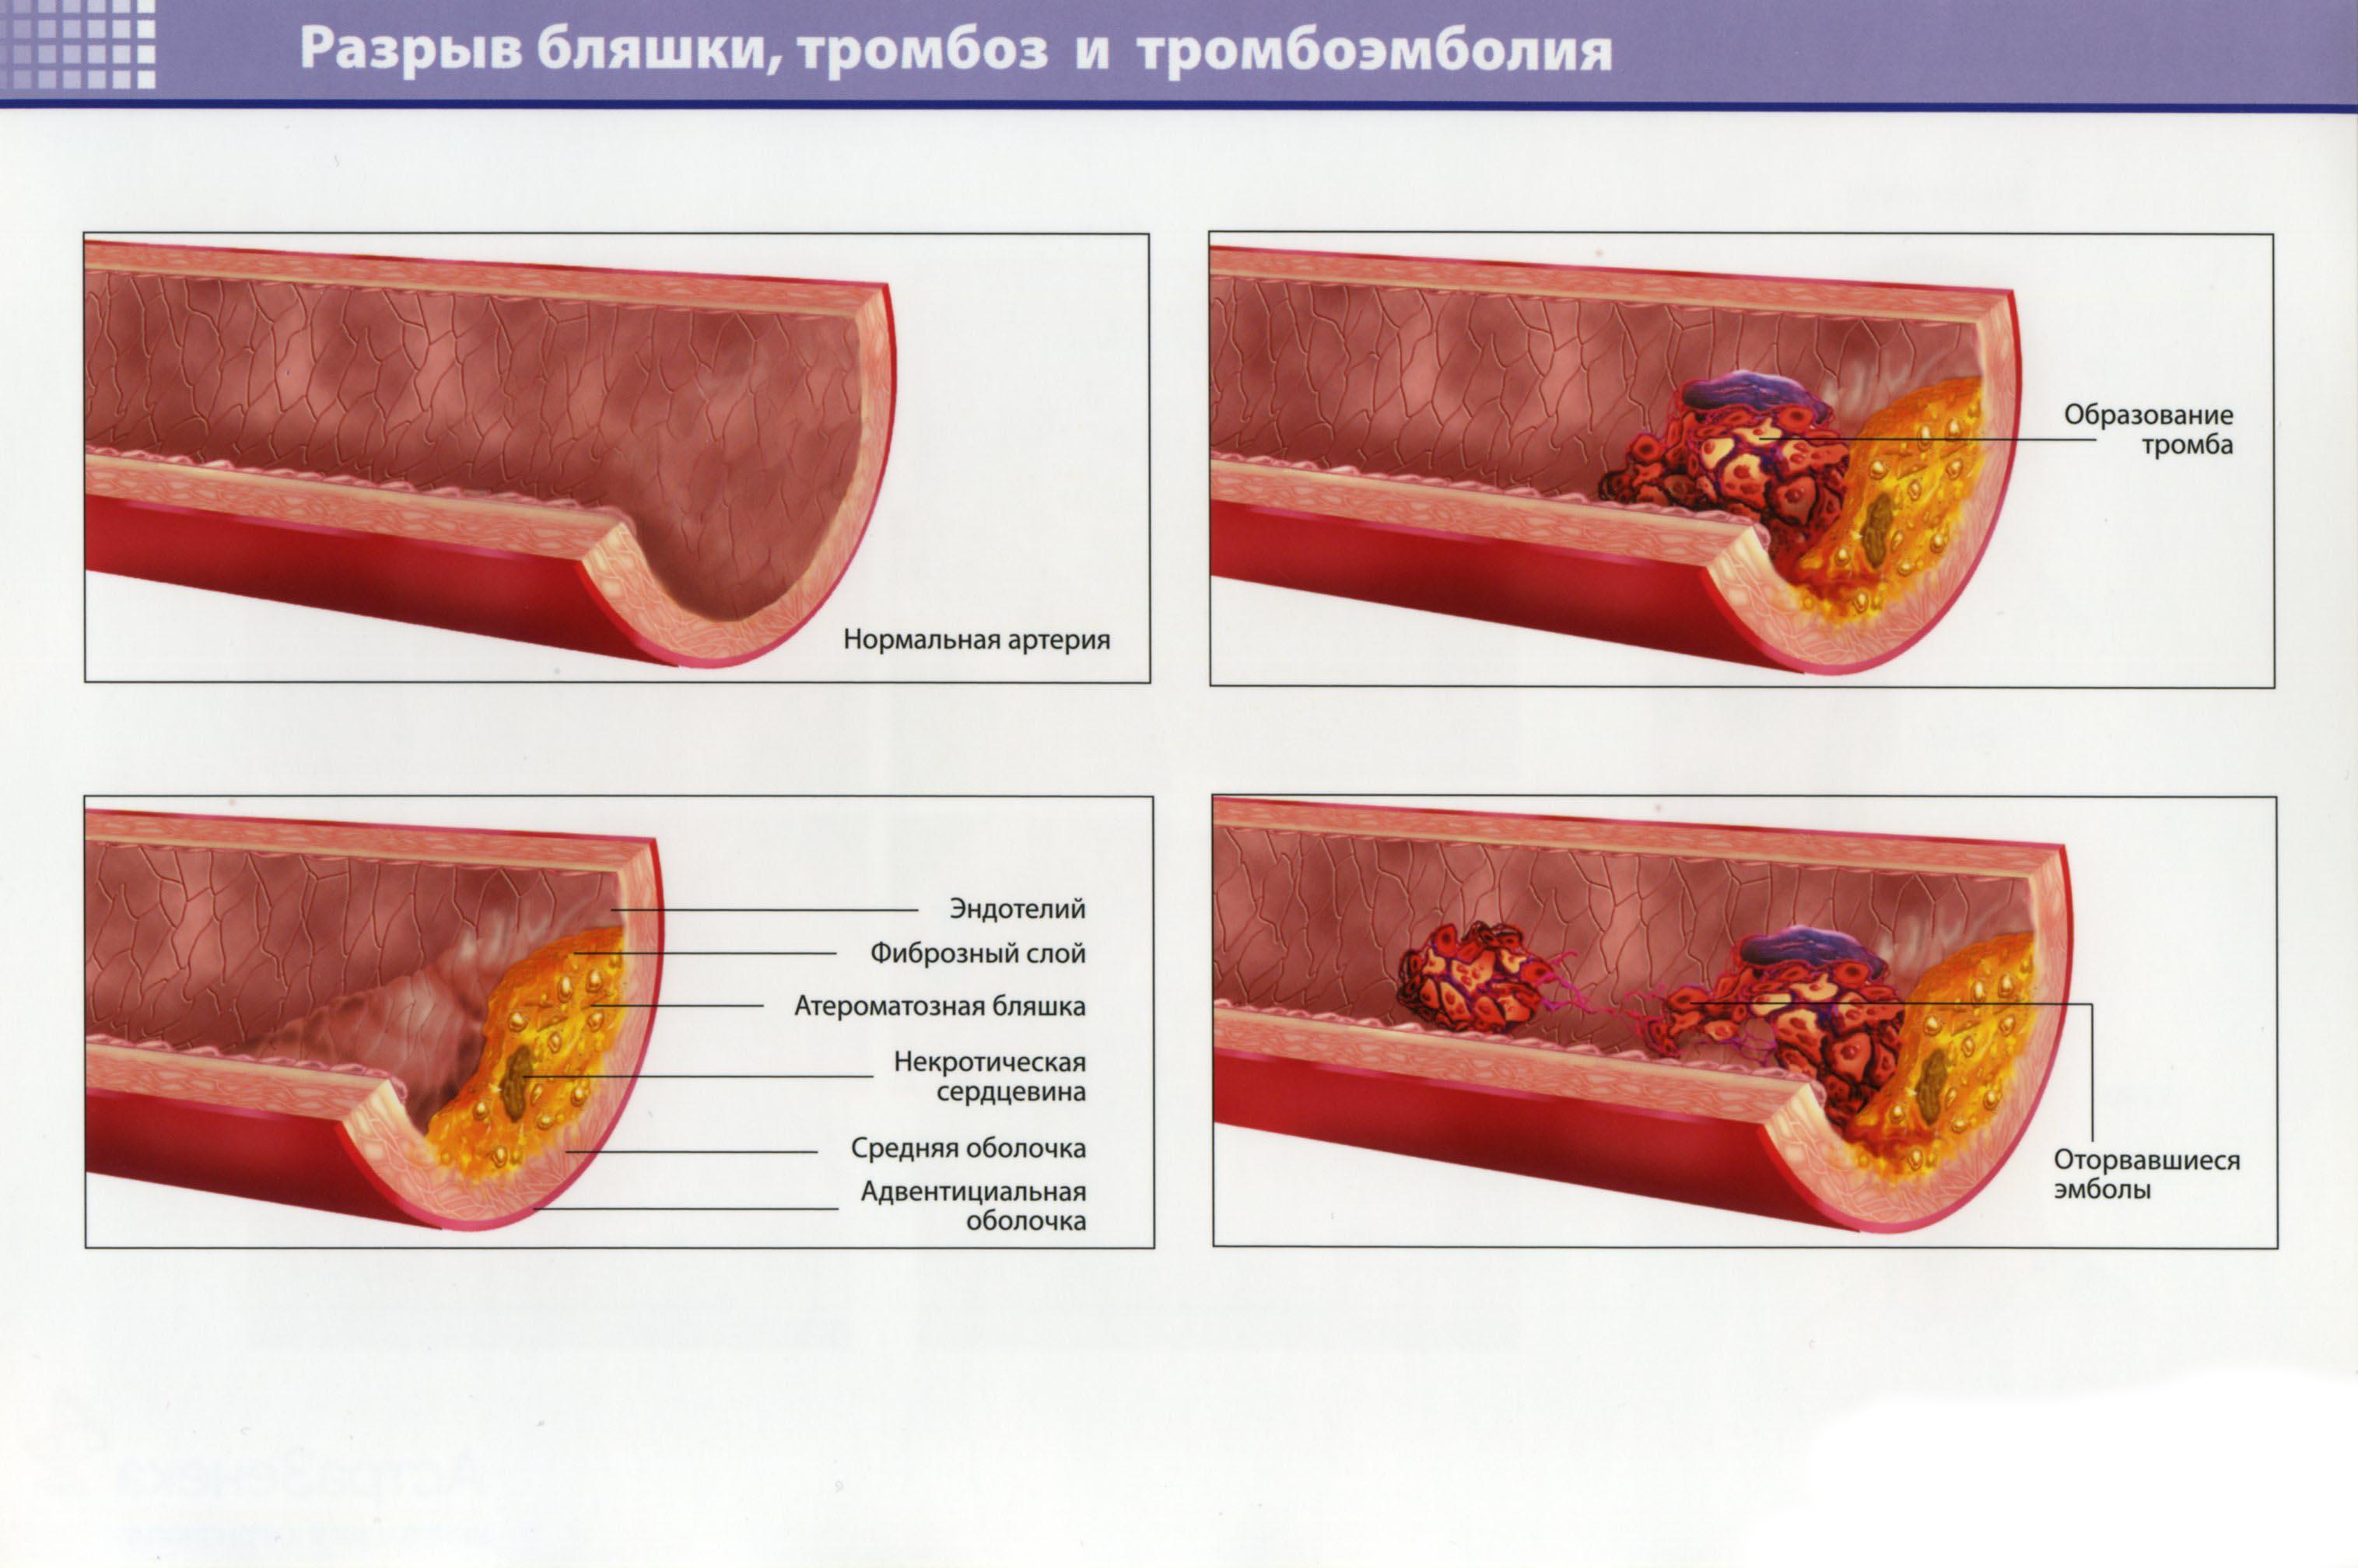 Разрыв бляшки, тромбоз и тромбэмболия